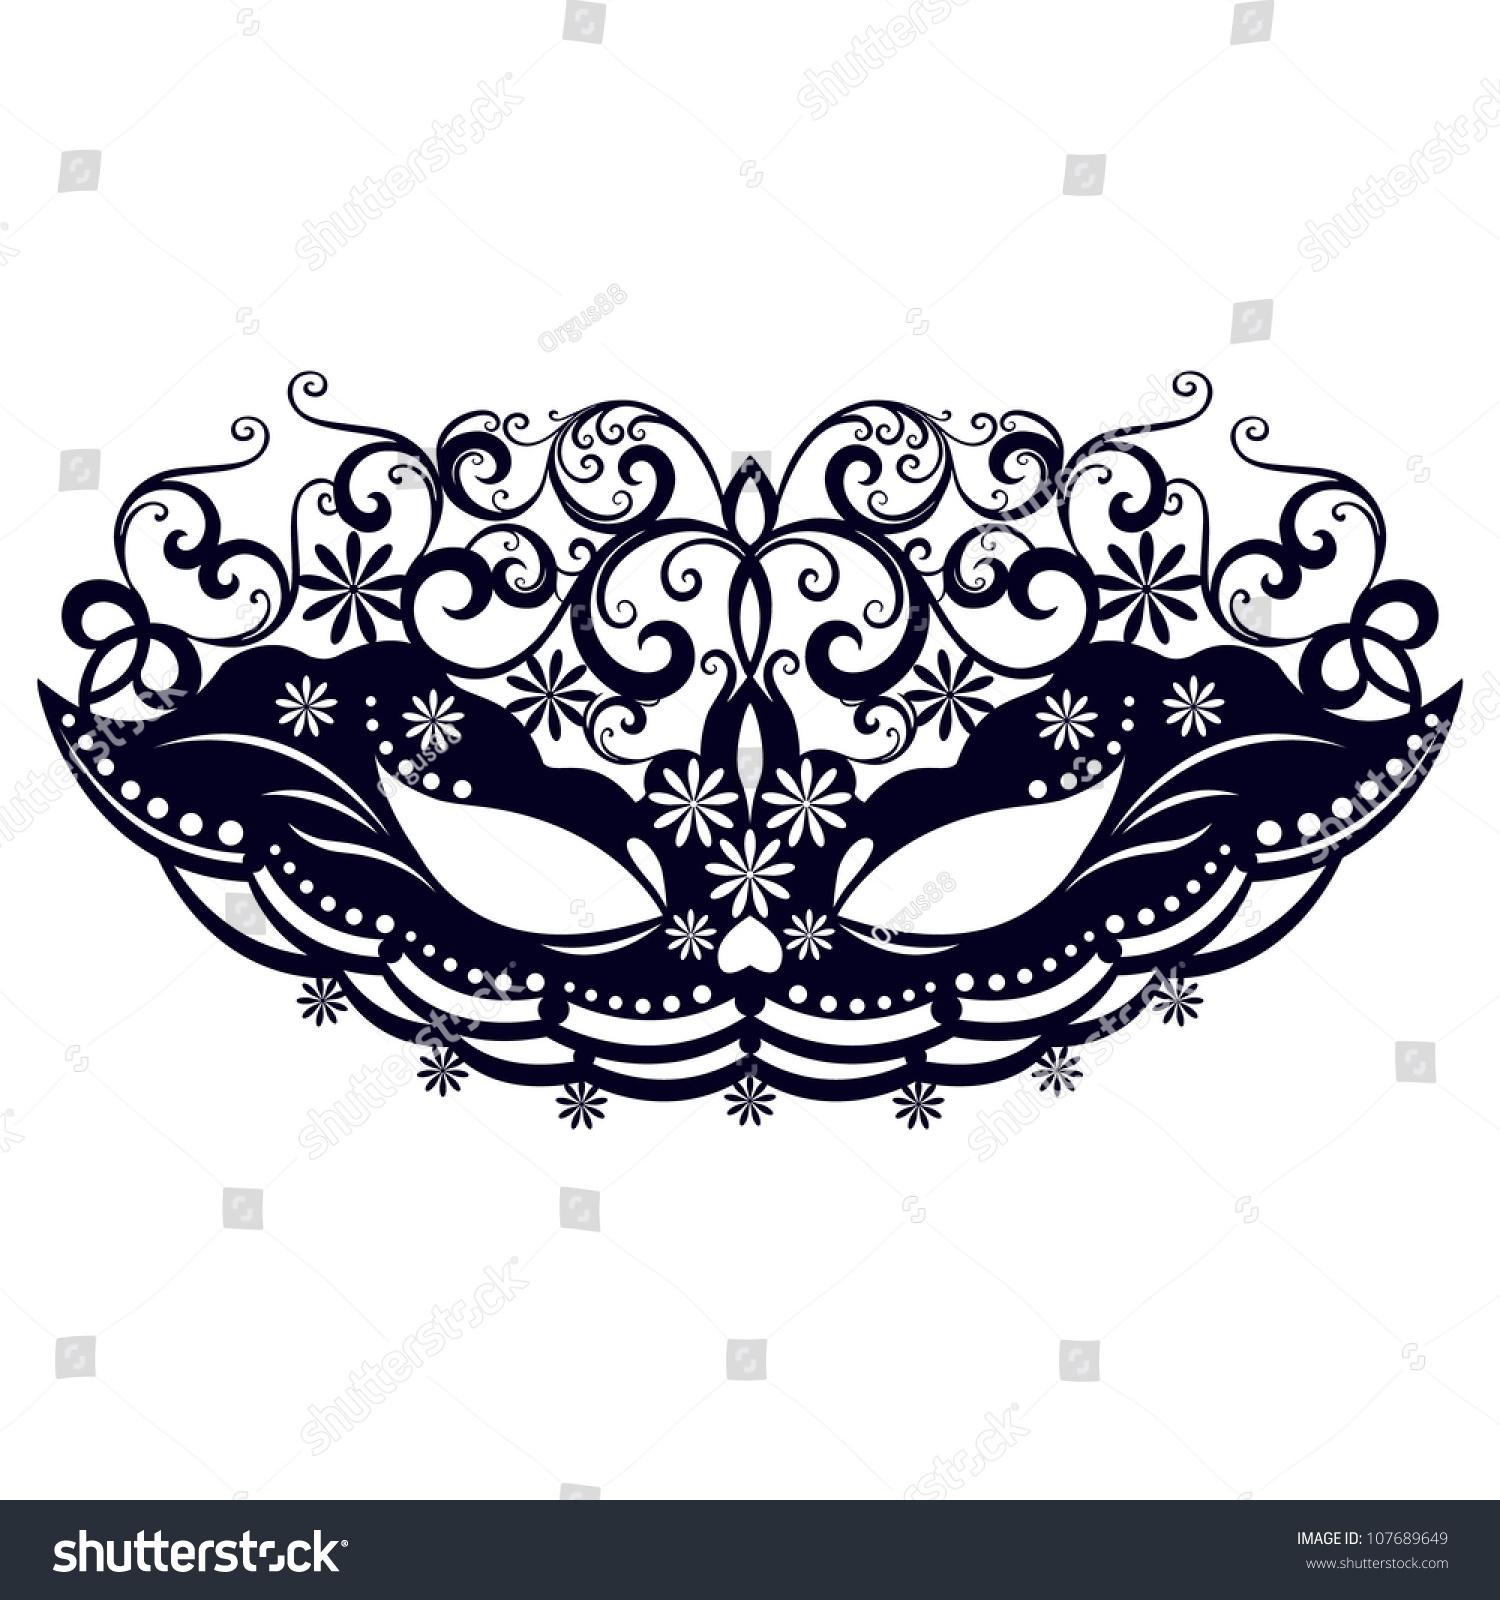 Masks For A Masquerade / Vector Party Mask / Vector ...  Masquerade Mask Vector